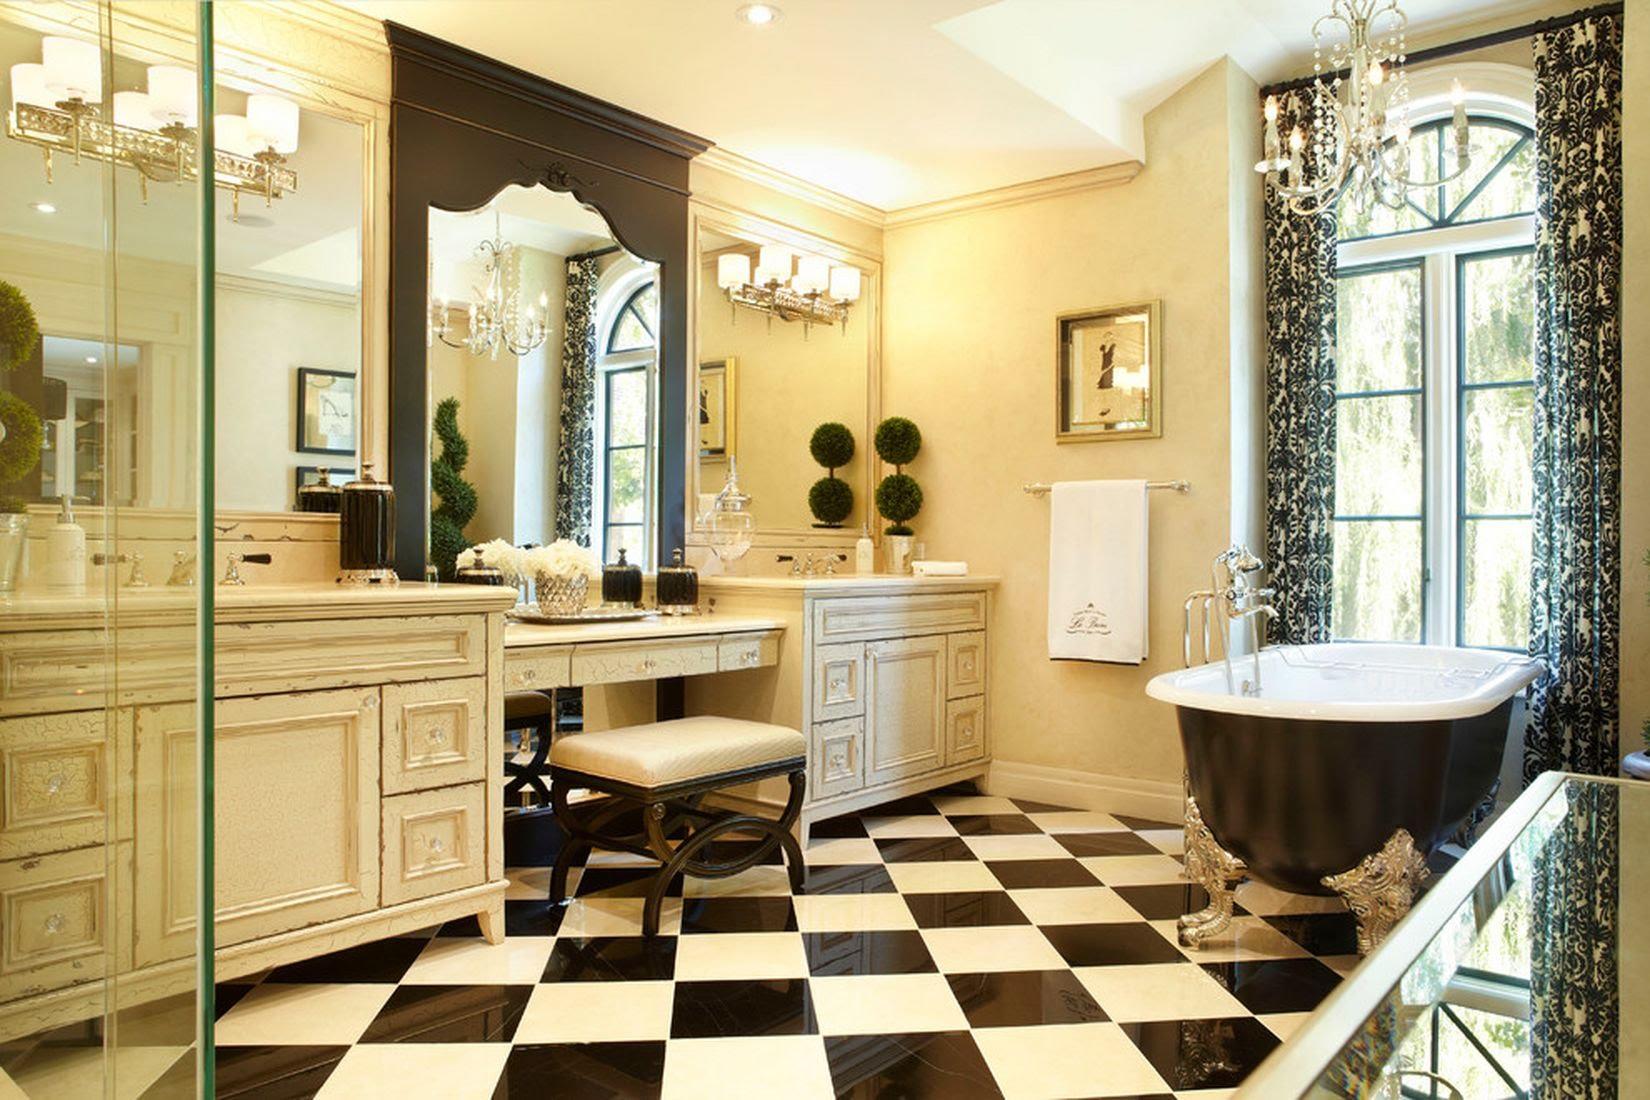 Ванная комната в классическом стиле картинка